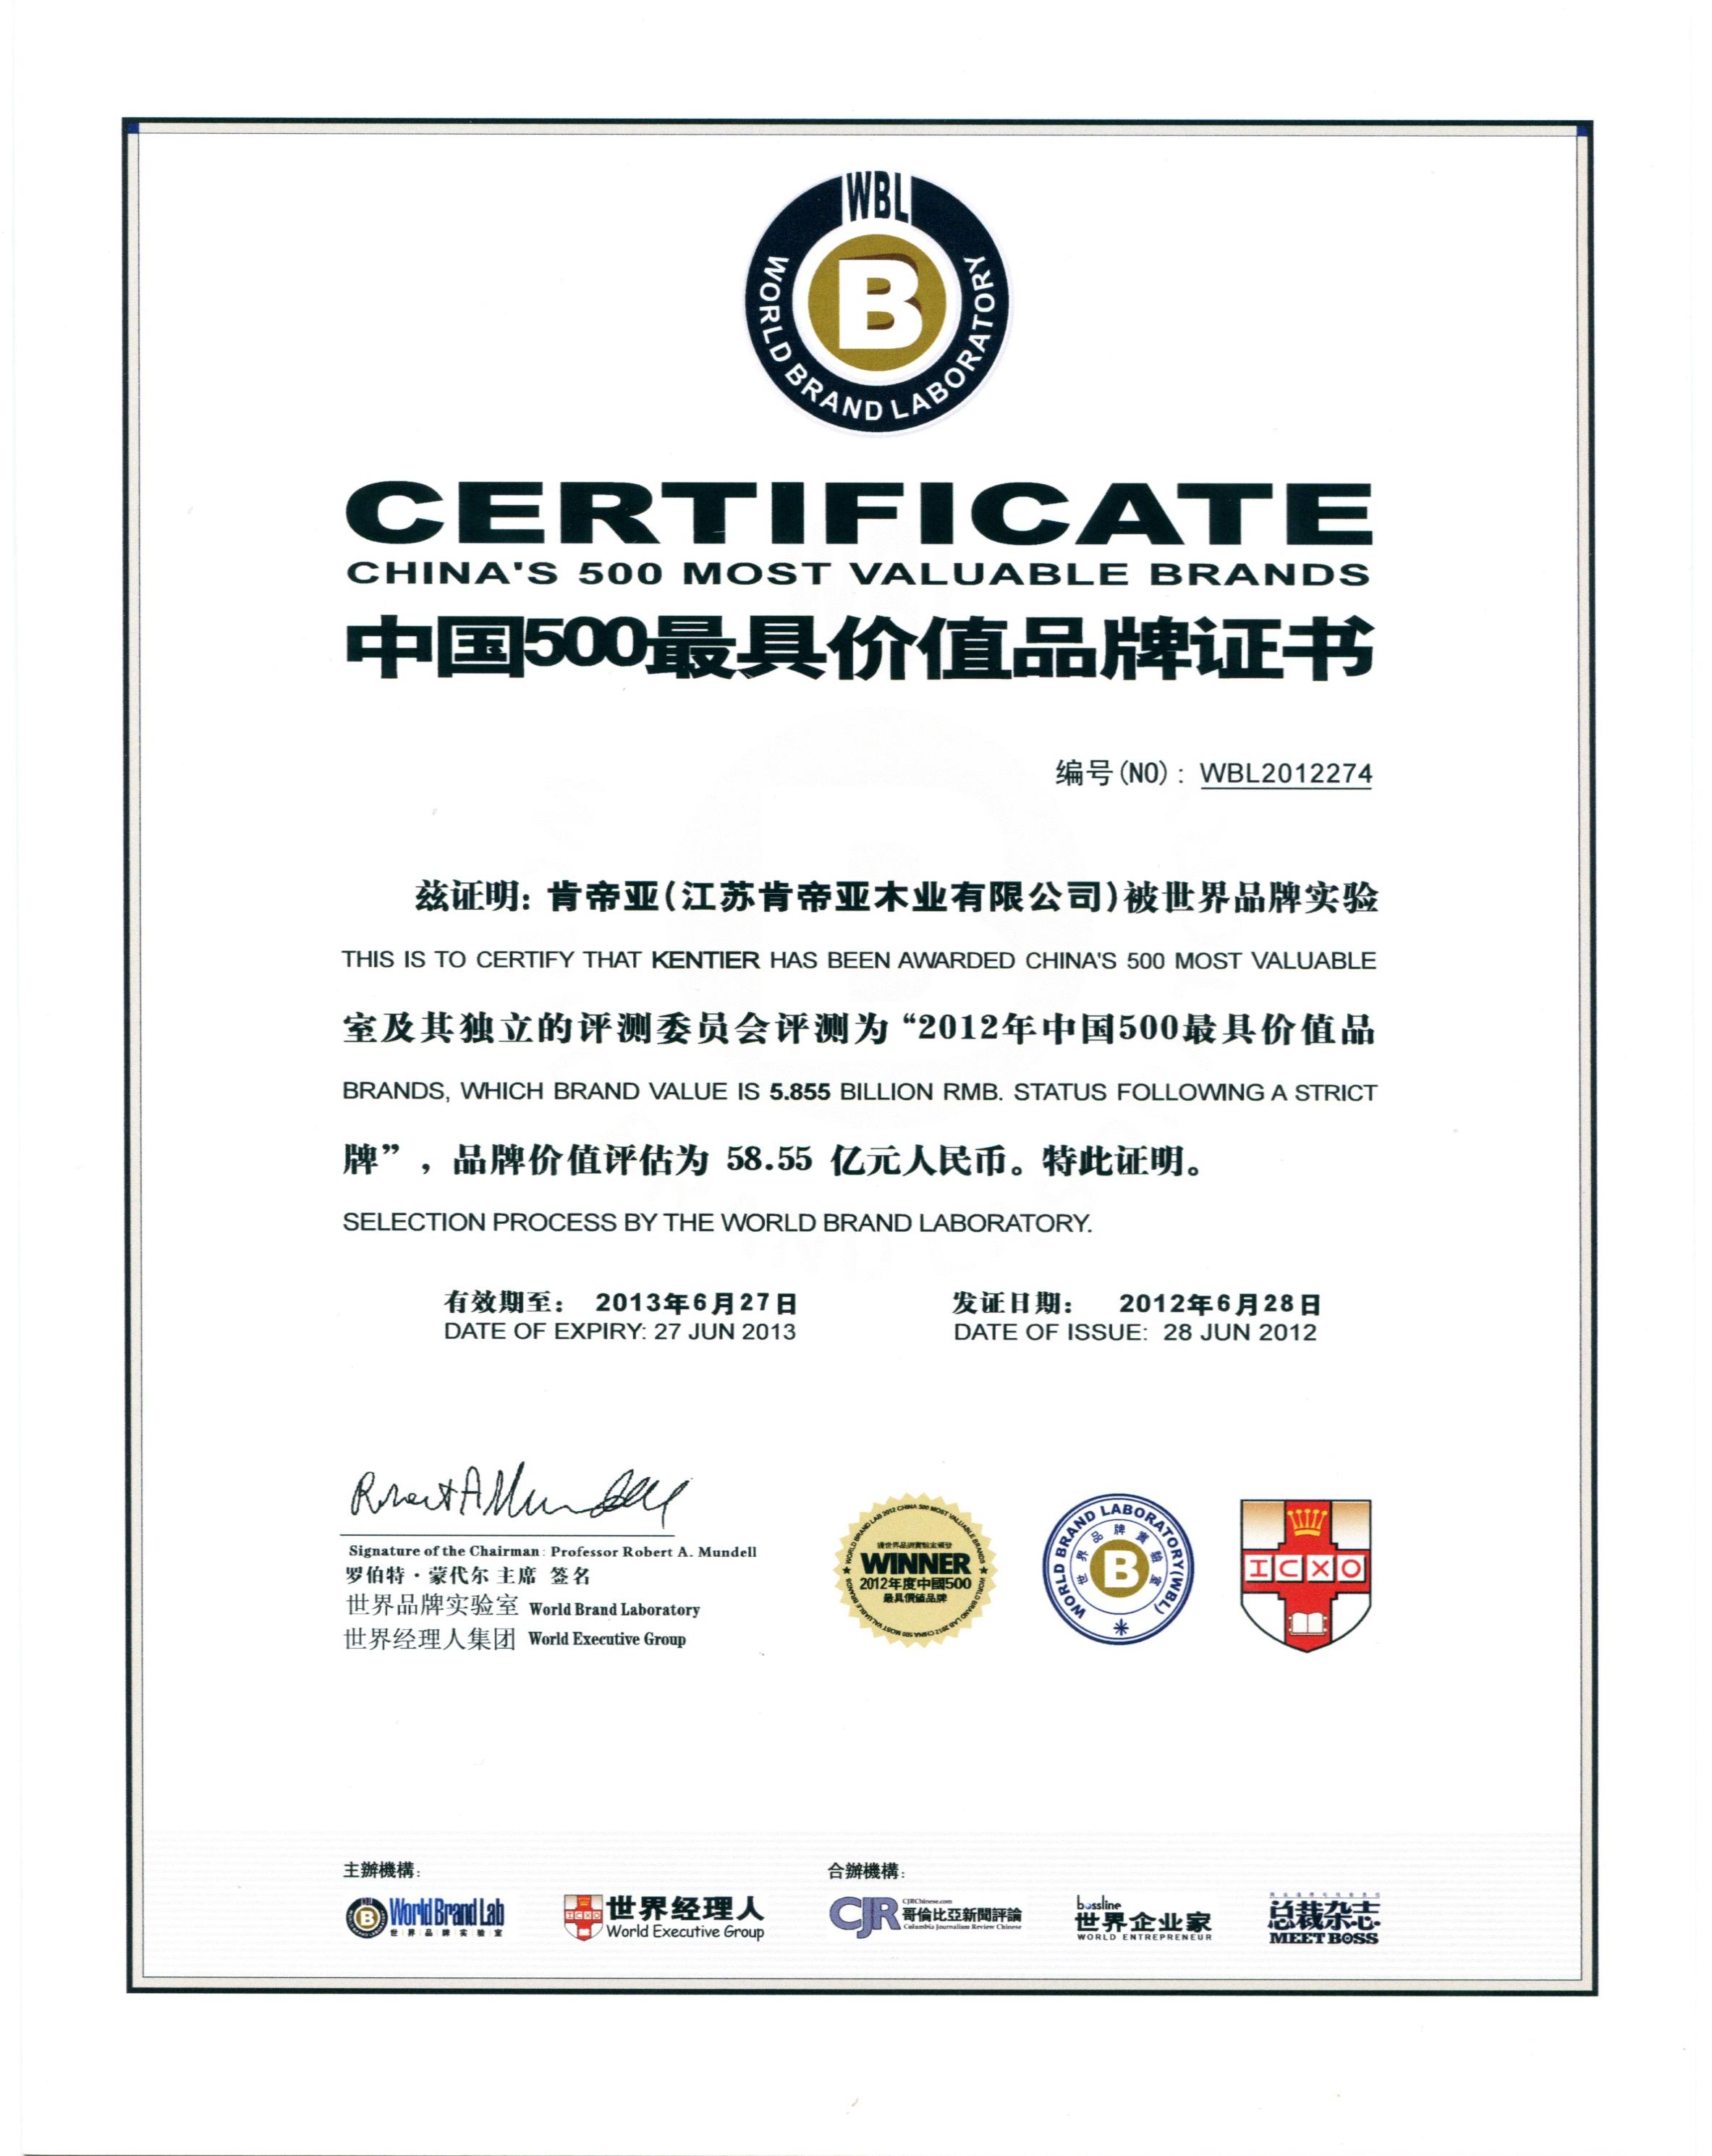 2012年中国500最具价值品牌